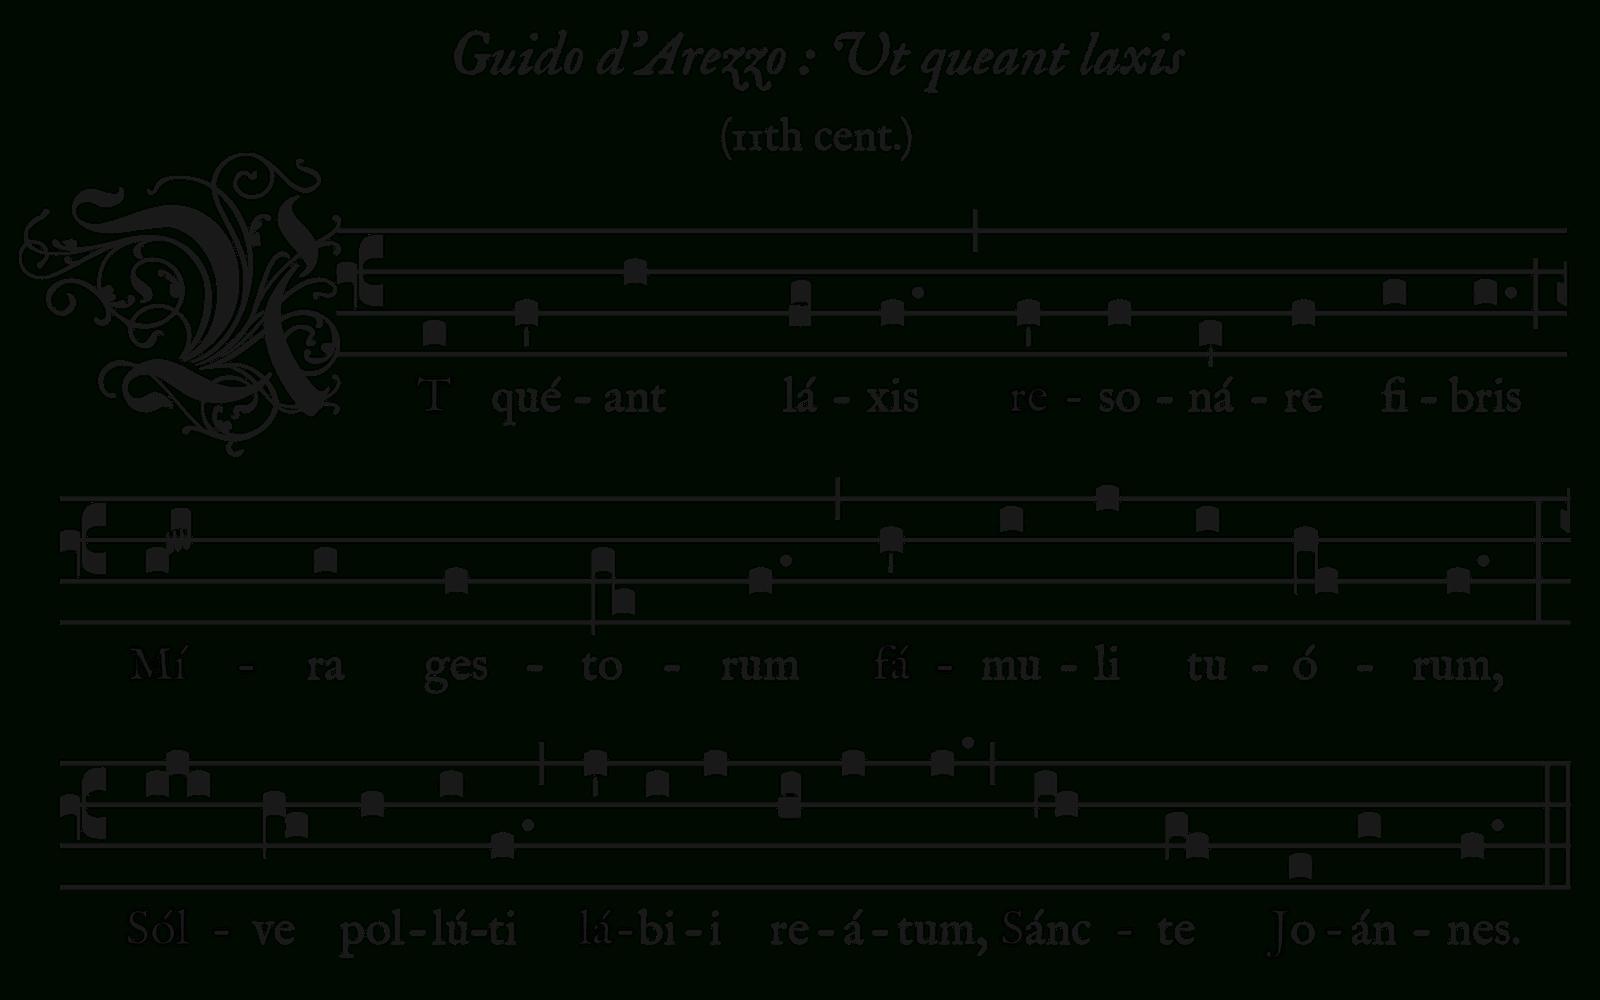 Apprendre Le Piano Gratuitement Et Rapidement [Efficace intérieur Jeux Des Différences À Imprimer Pour Adultes